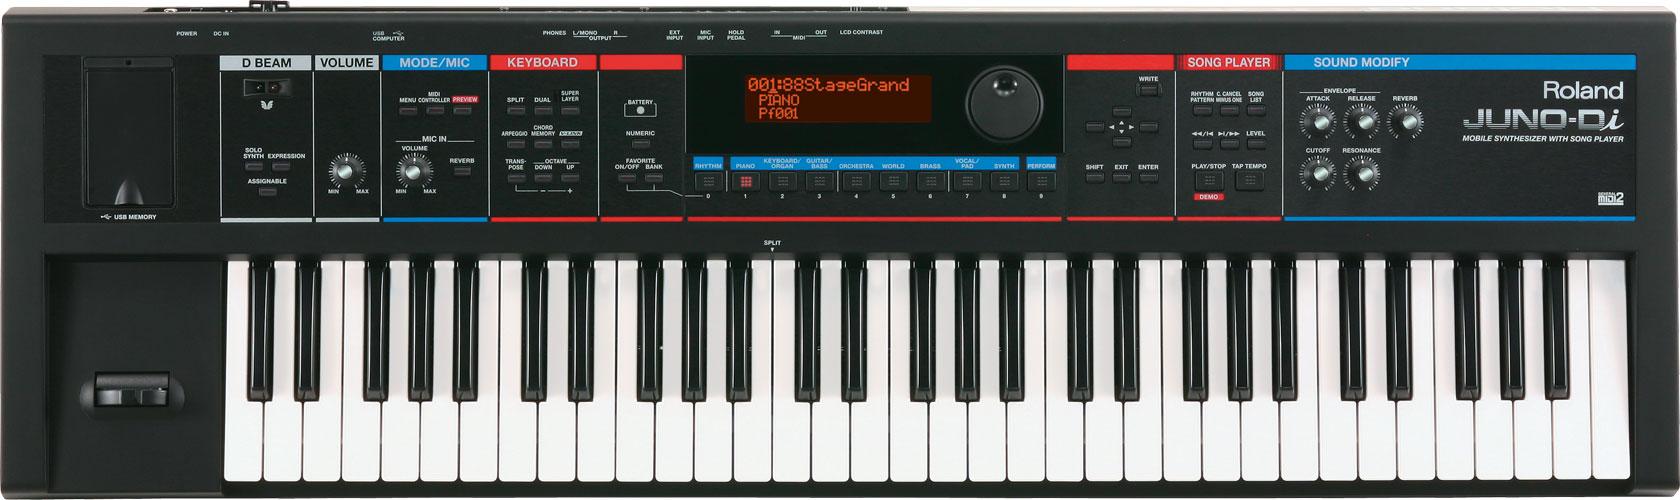 đàn organ roland Juno-Di